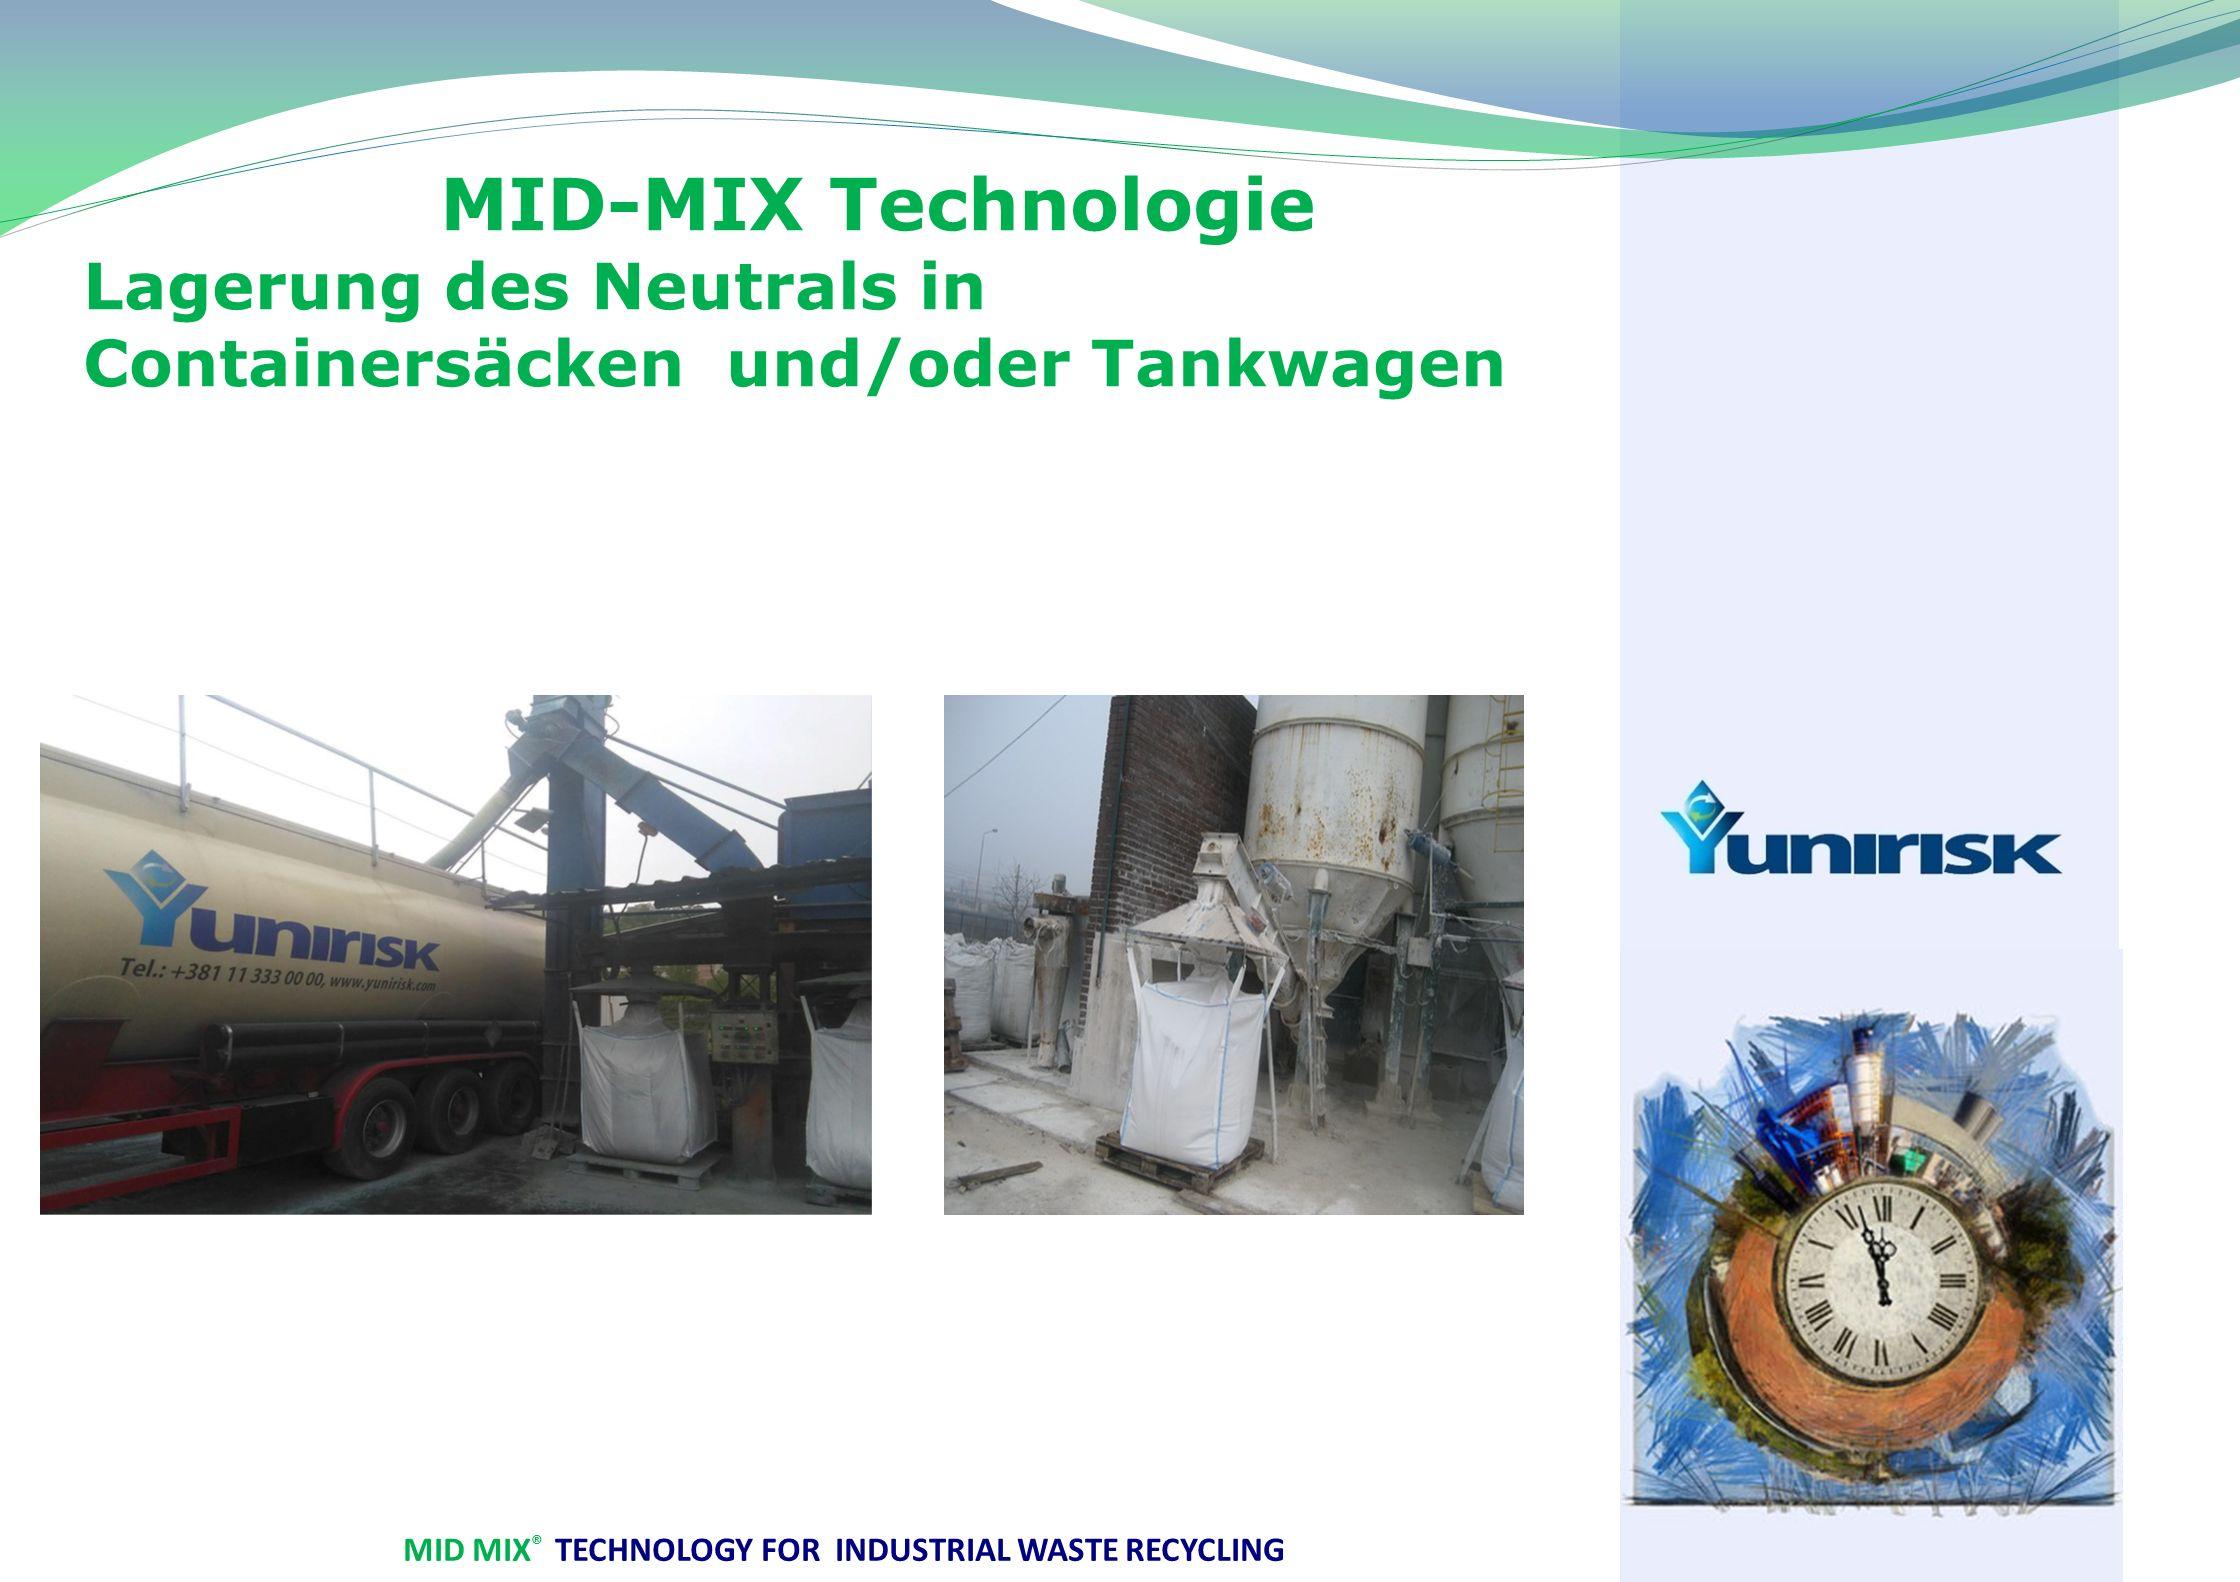 MID MIX ® TECHNOLOGY FOR INDUSTRIAL WASTE RECYCLING MID-MIX Technologie Lagerung des Neutrals in Containersäcken und/oder Tankwagen